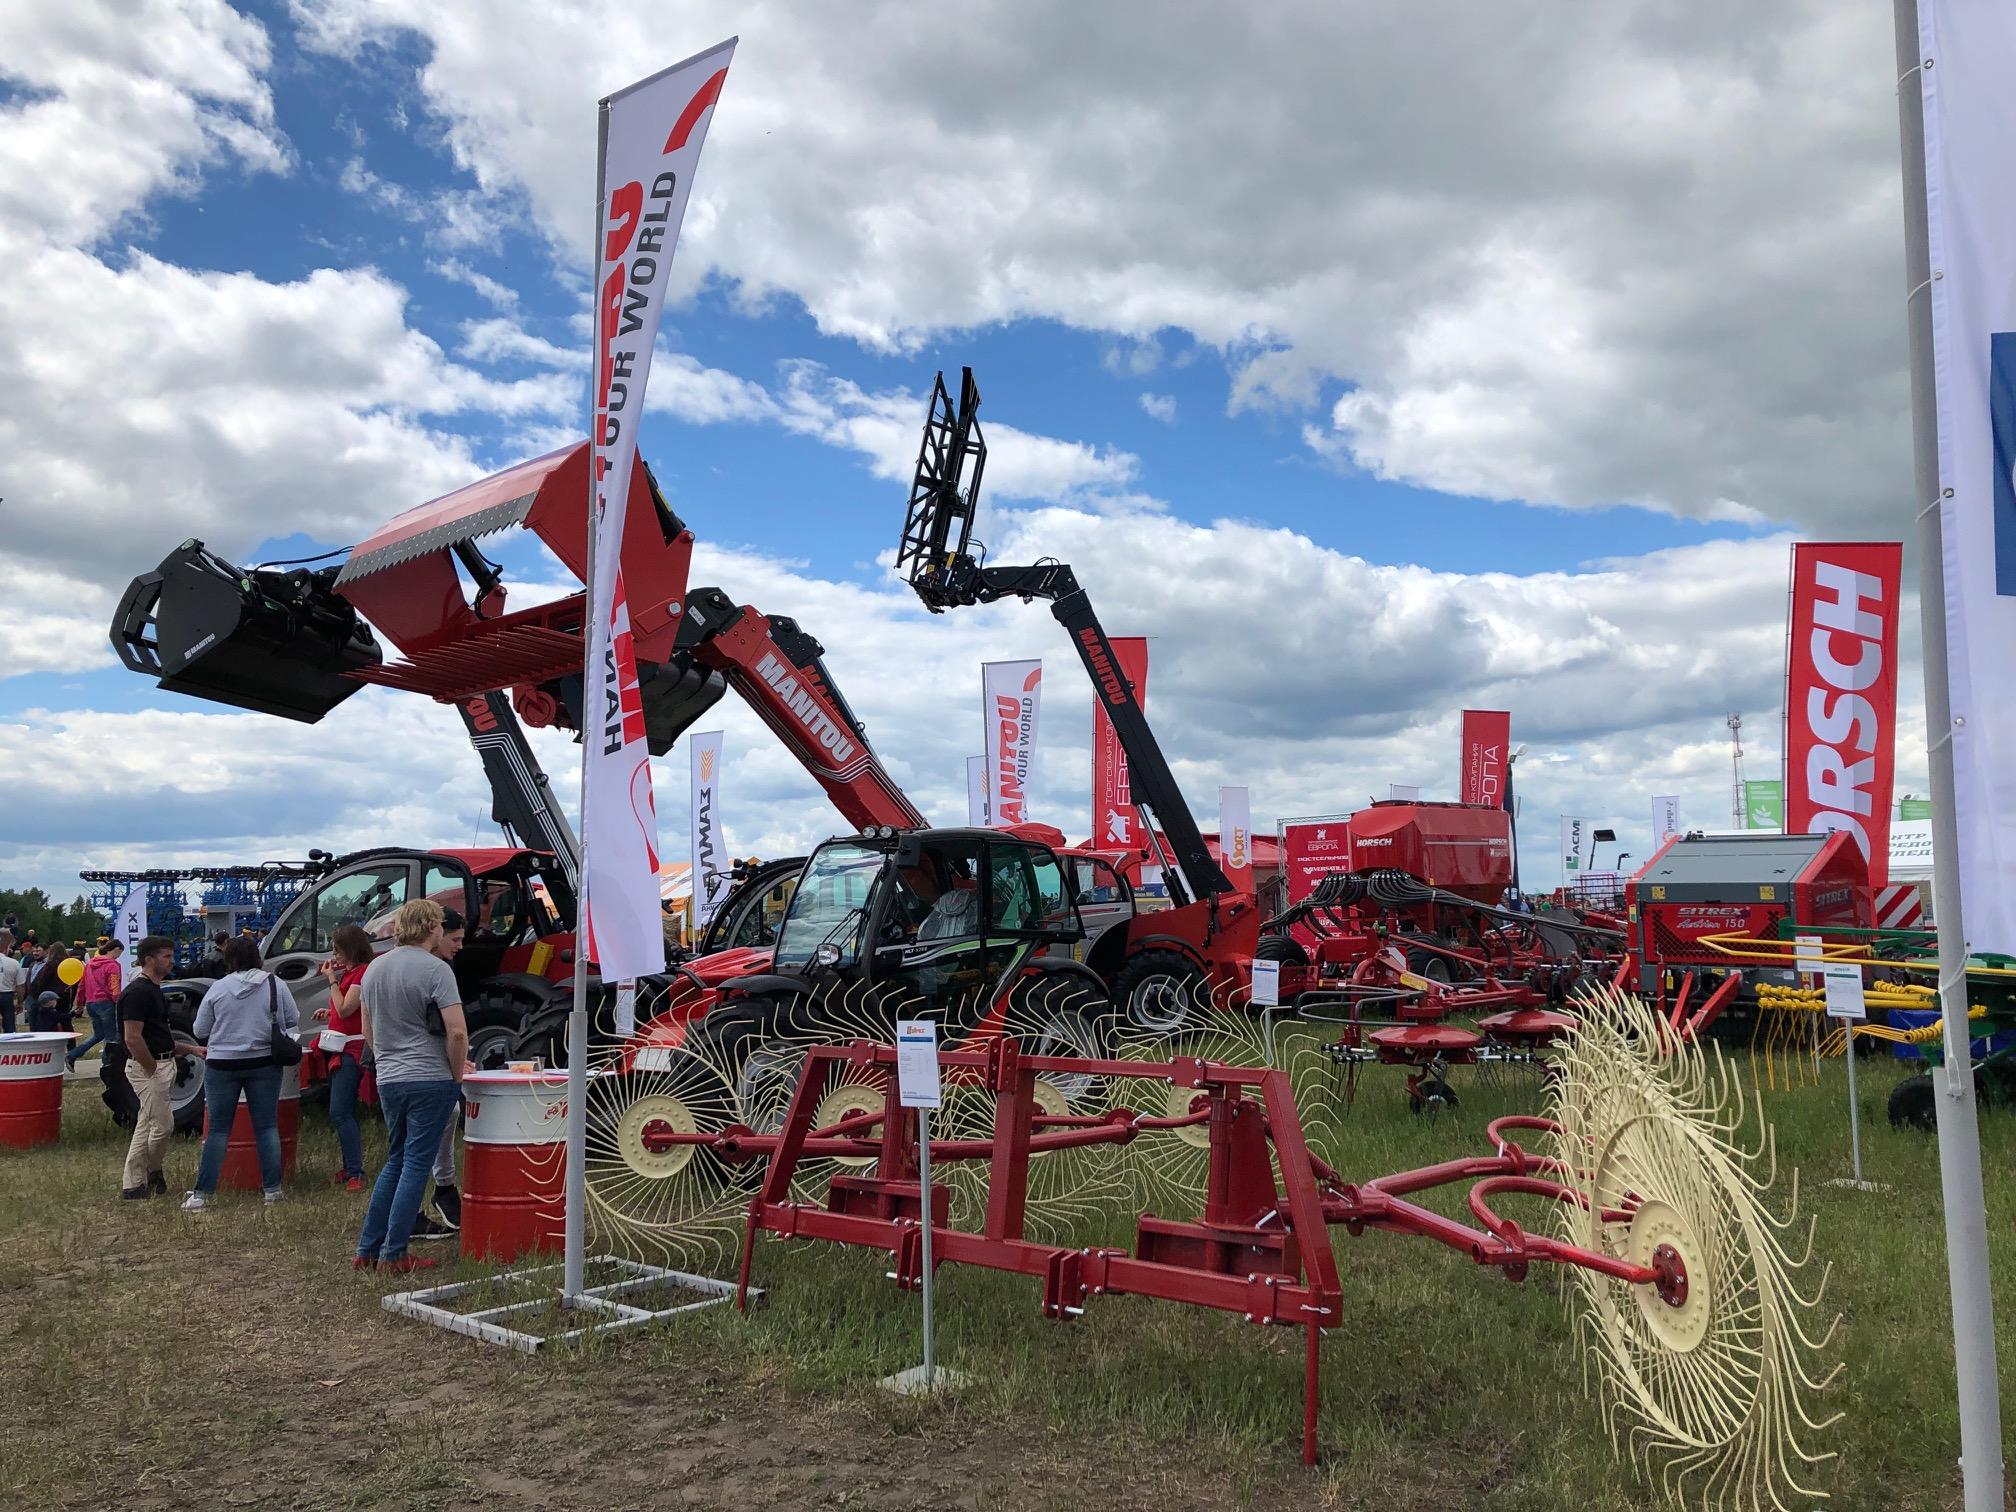 На «Дне сибирского поля» в Алтайском крае представители южнокорейского бизнеса презентовали оборудование, удобрения, семена, пищевую продукцию